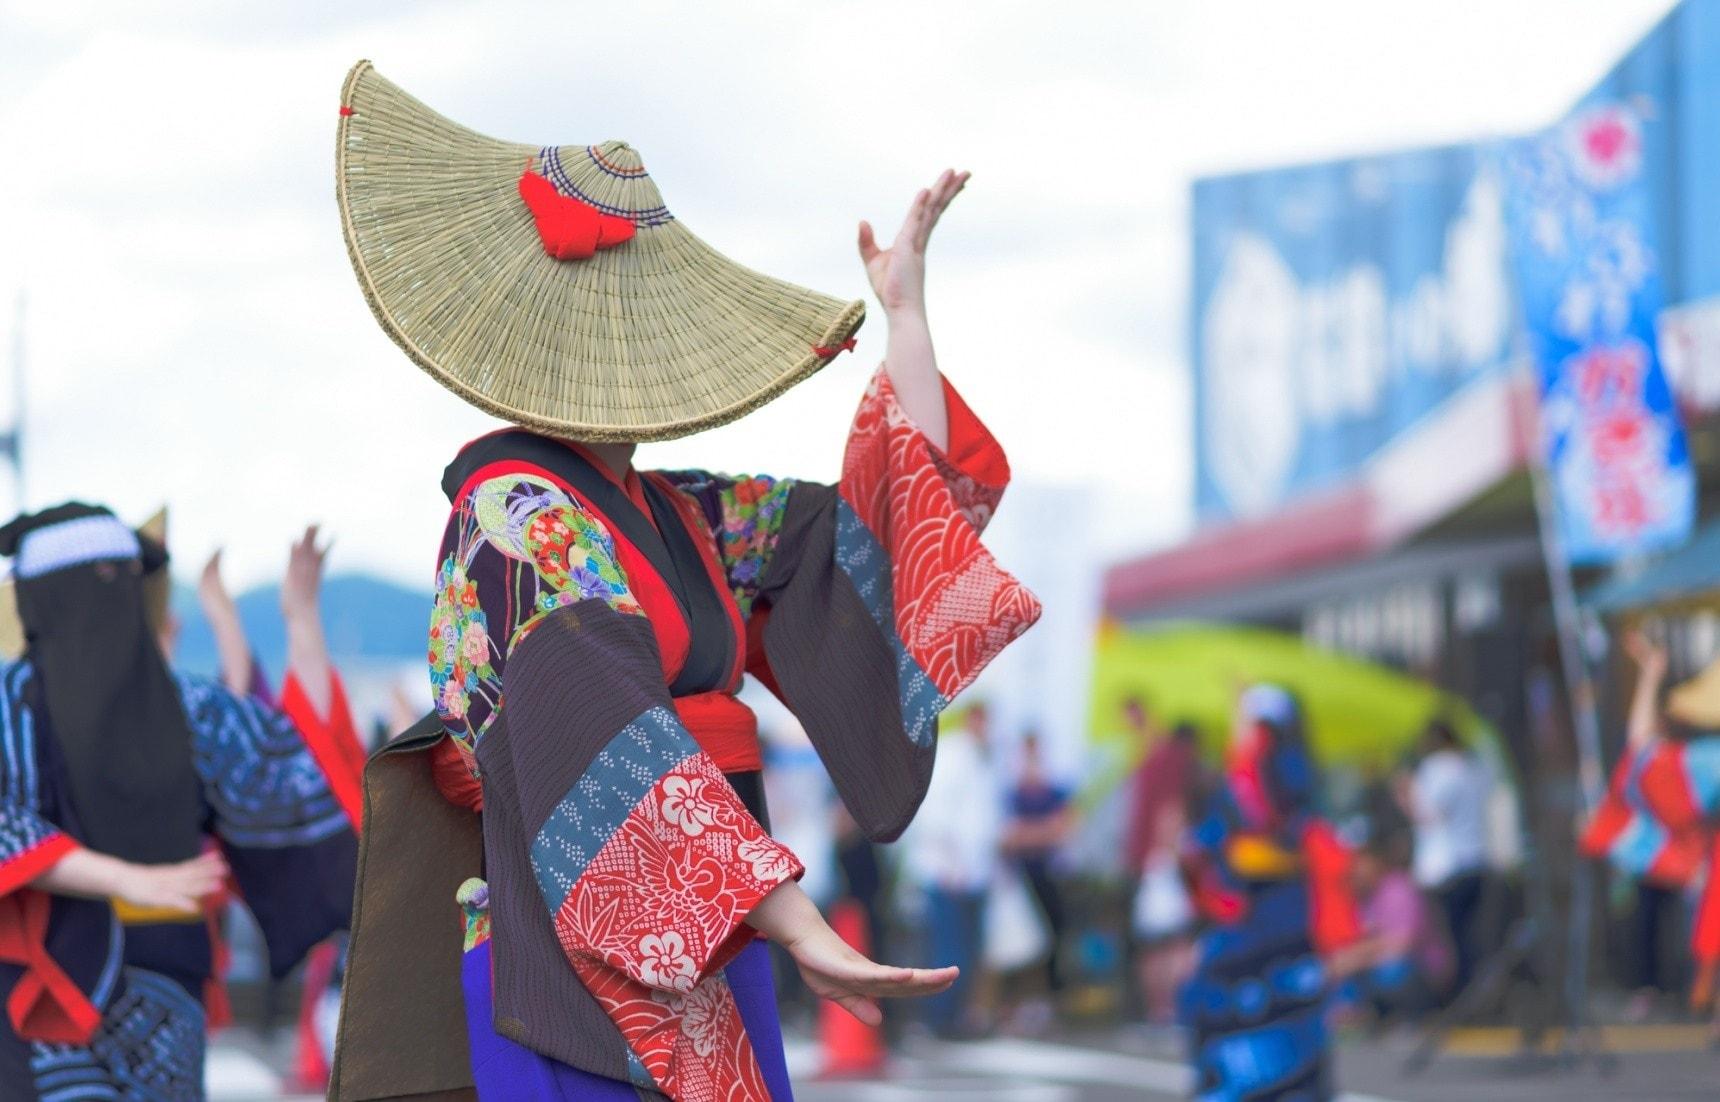 【深度日本】盂蘭盆節到底是不是鬼節?茄子和黃瓜背後的故事又是什麼呢?